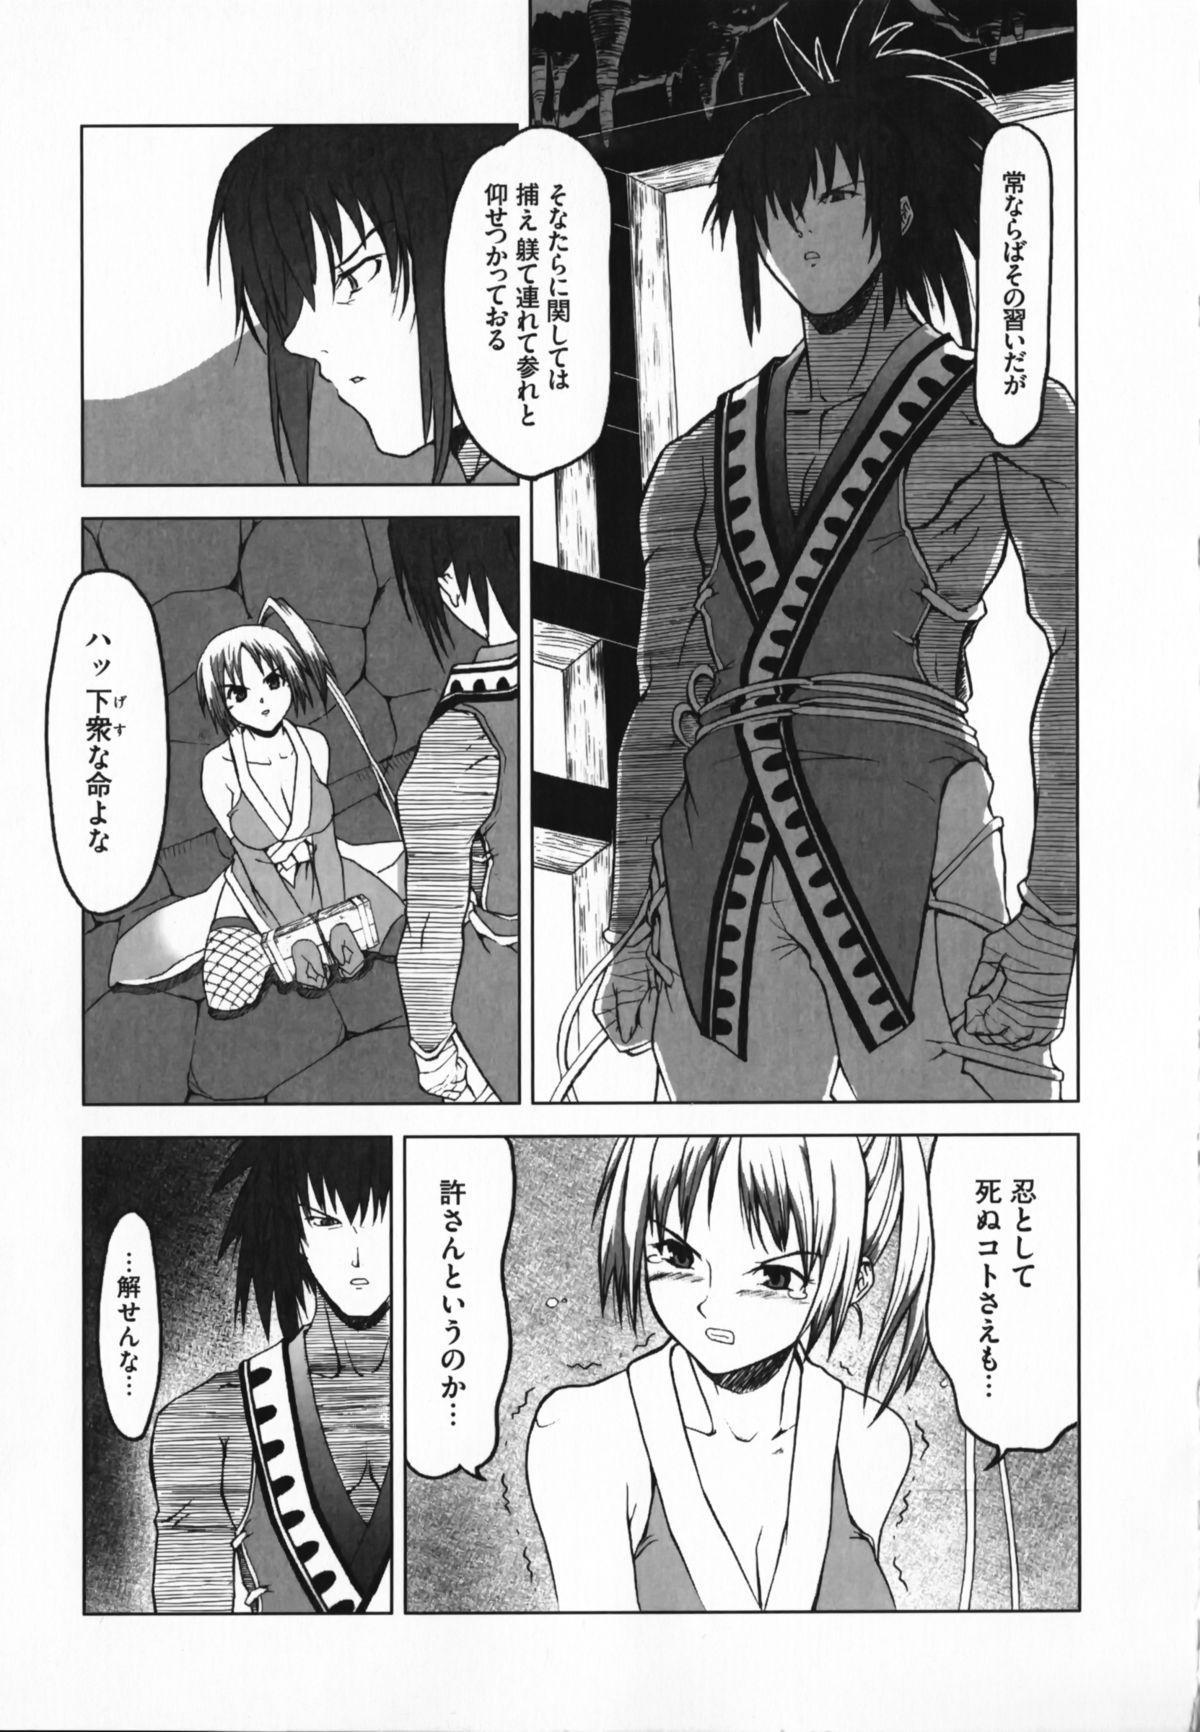 Nukenin - Hokaku, Soshite Choukyou e... 13